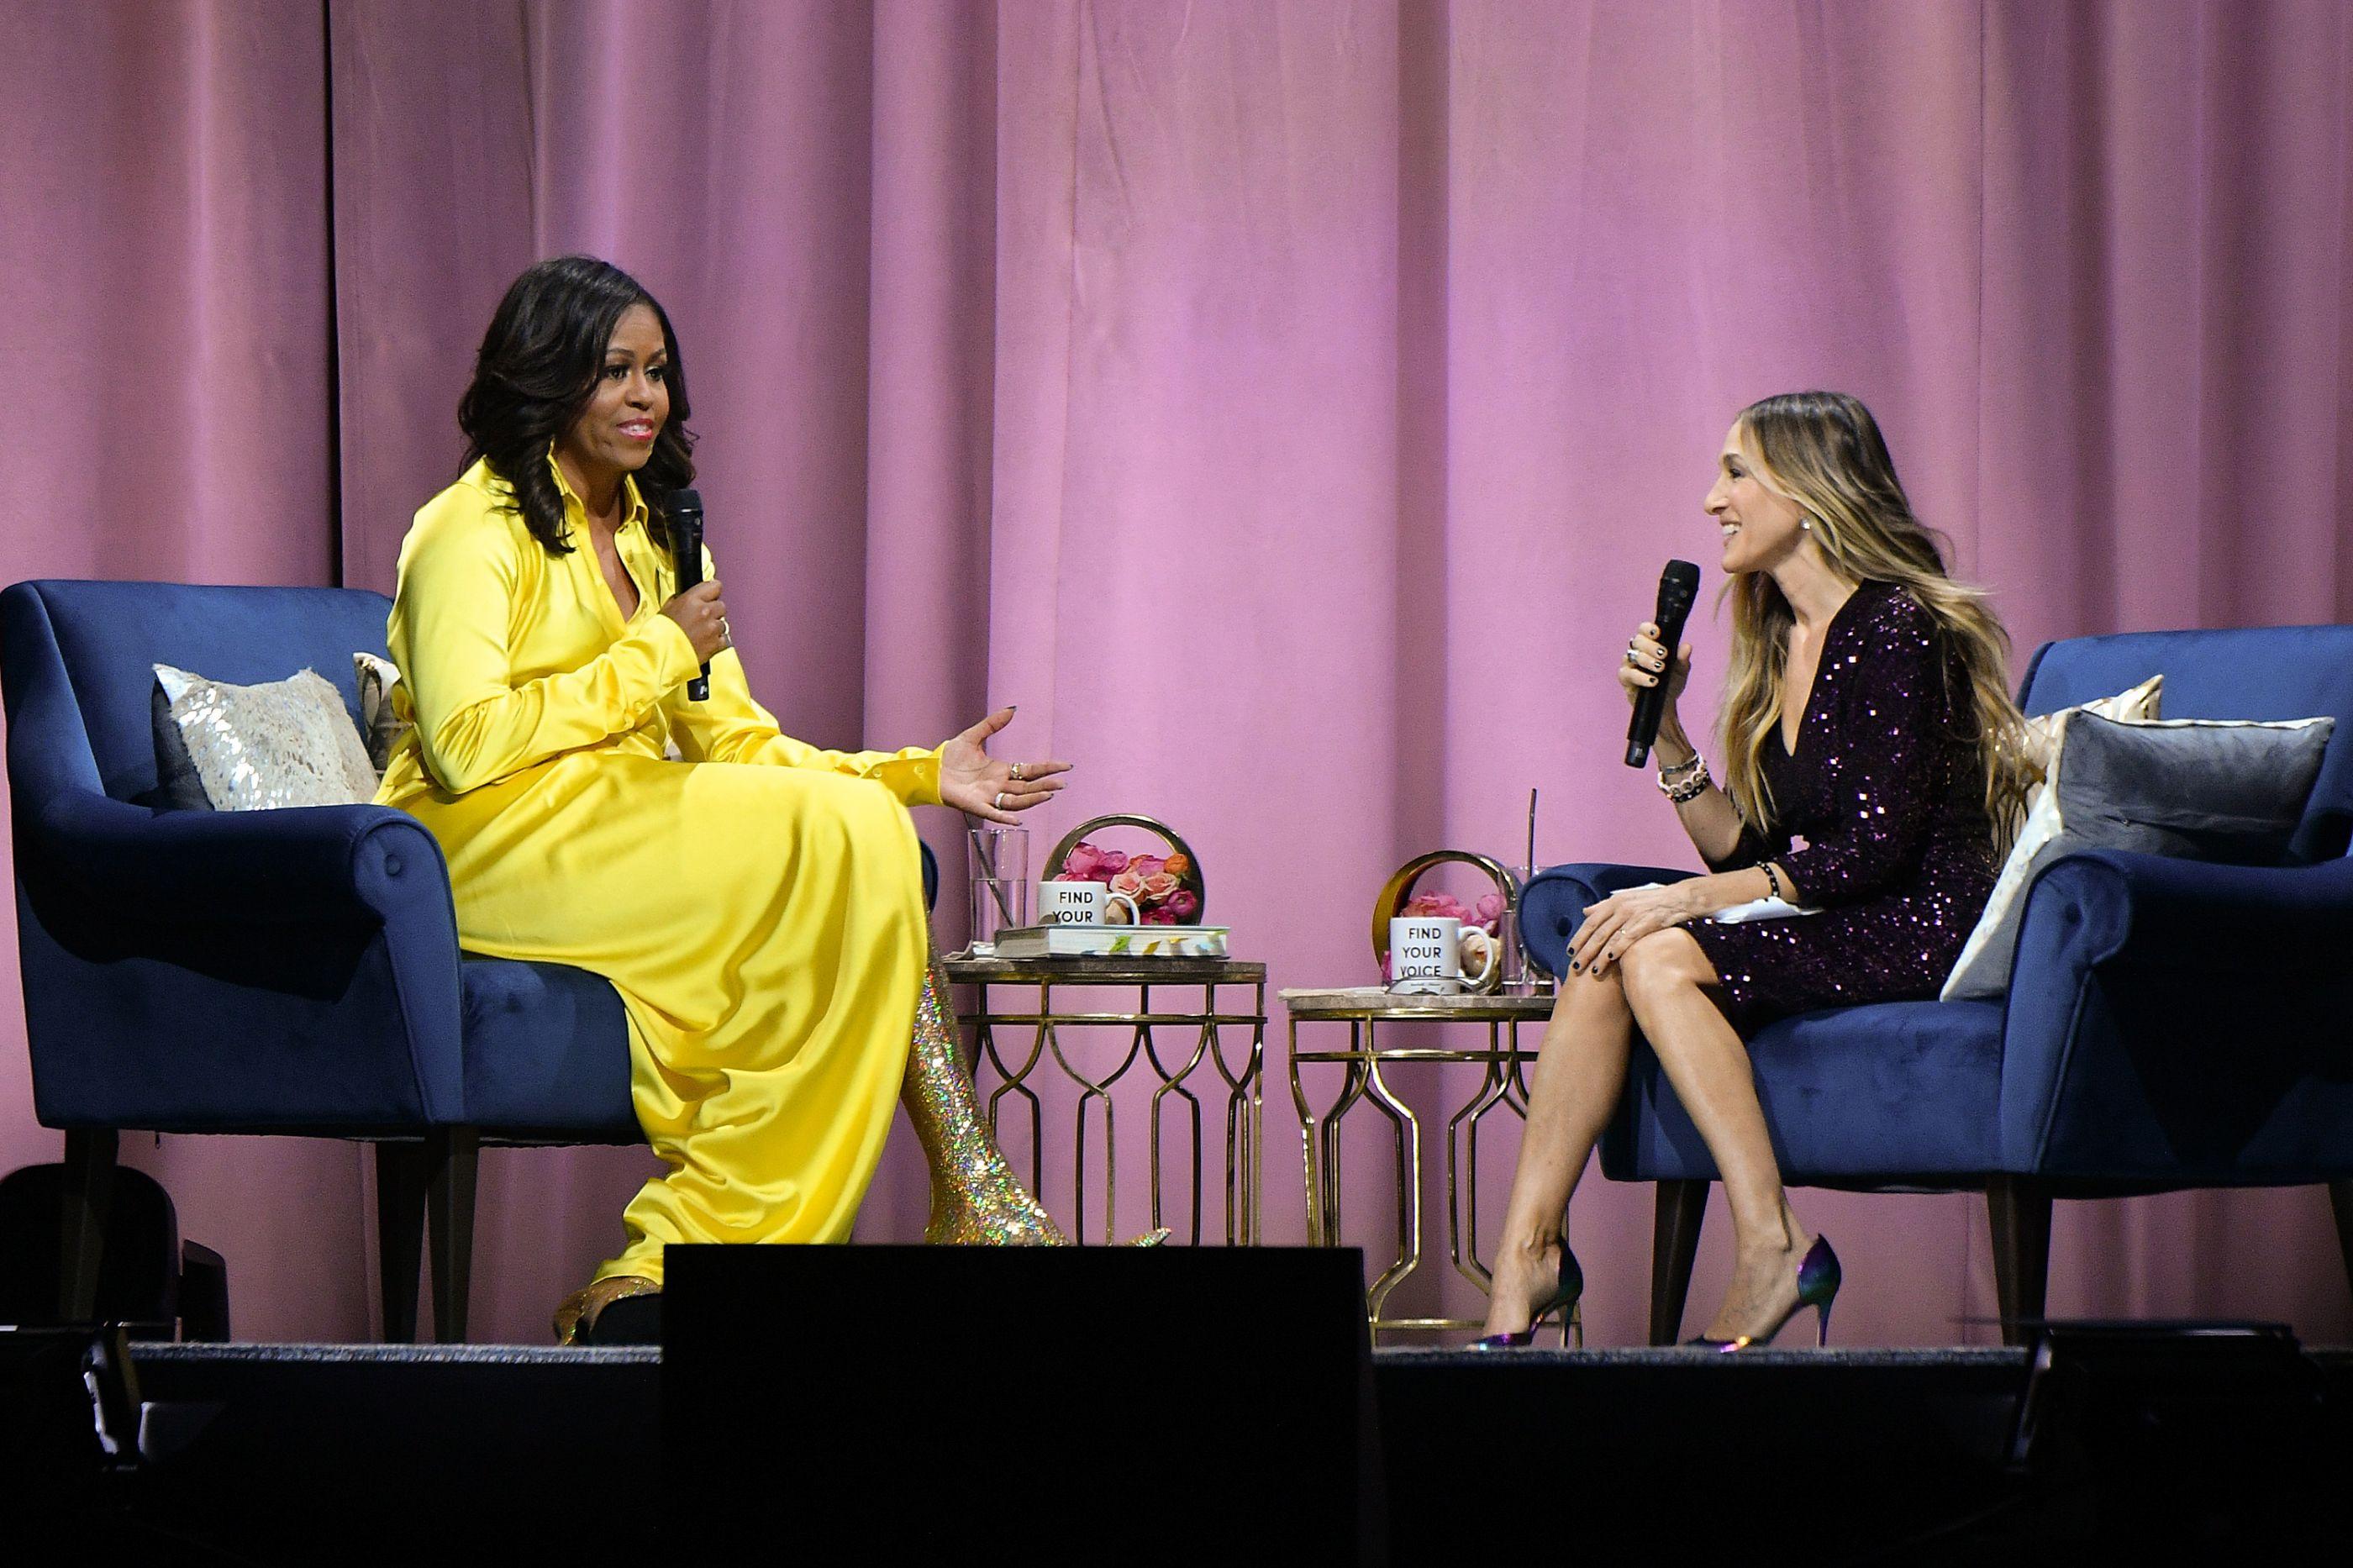 Brilhos e cores fortes. Michelle Obama mais excêntrica do que nunca!